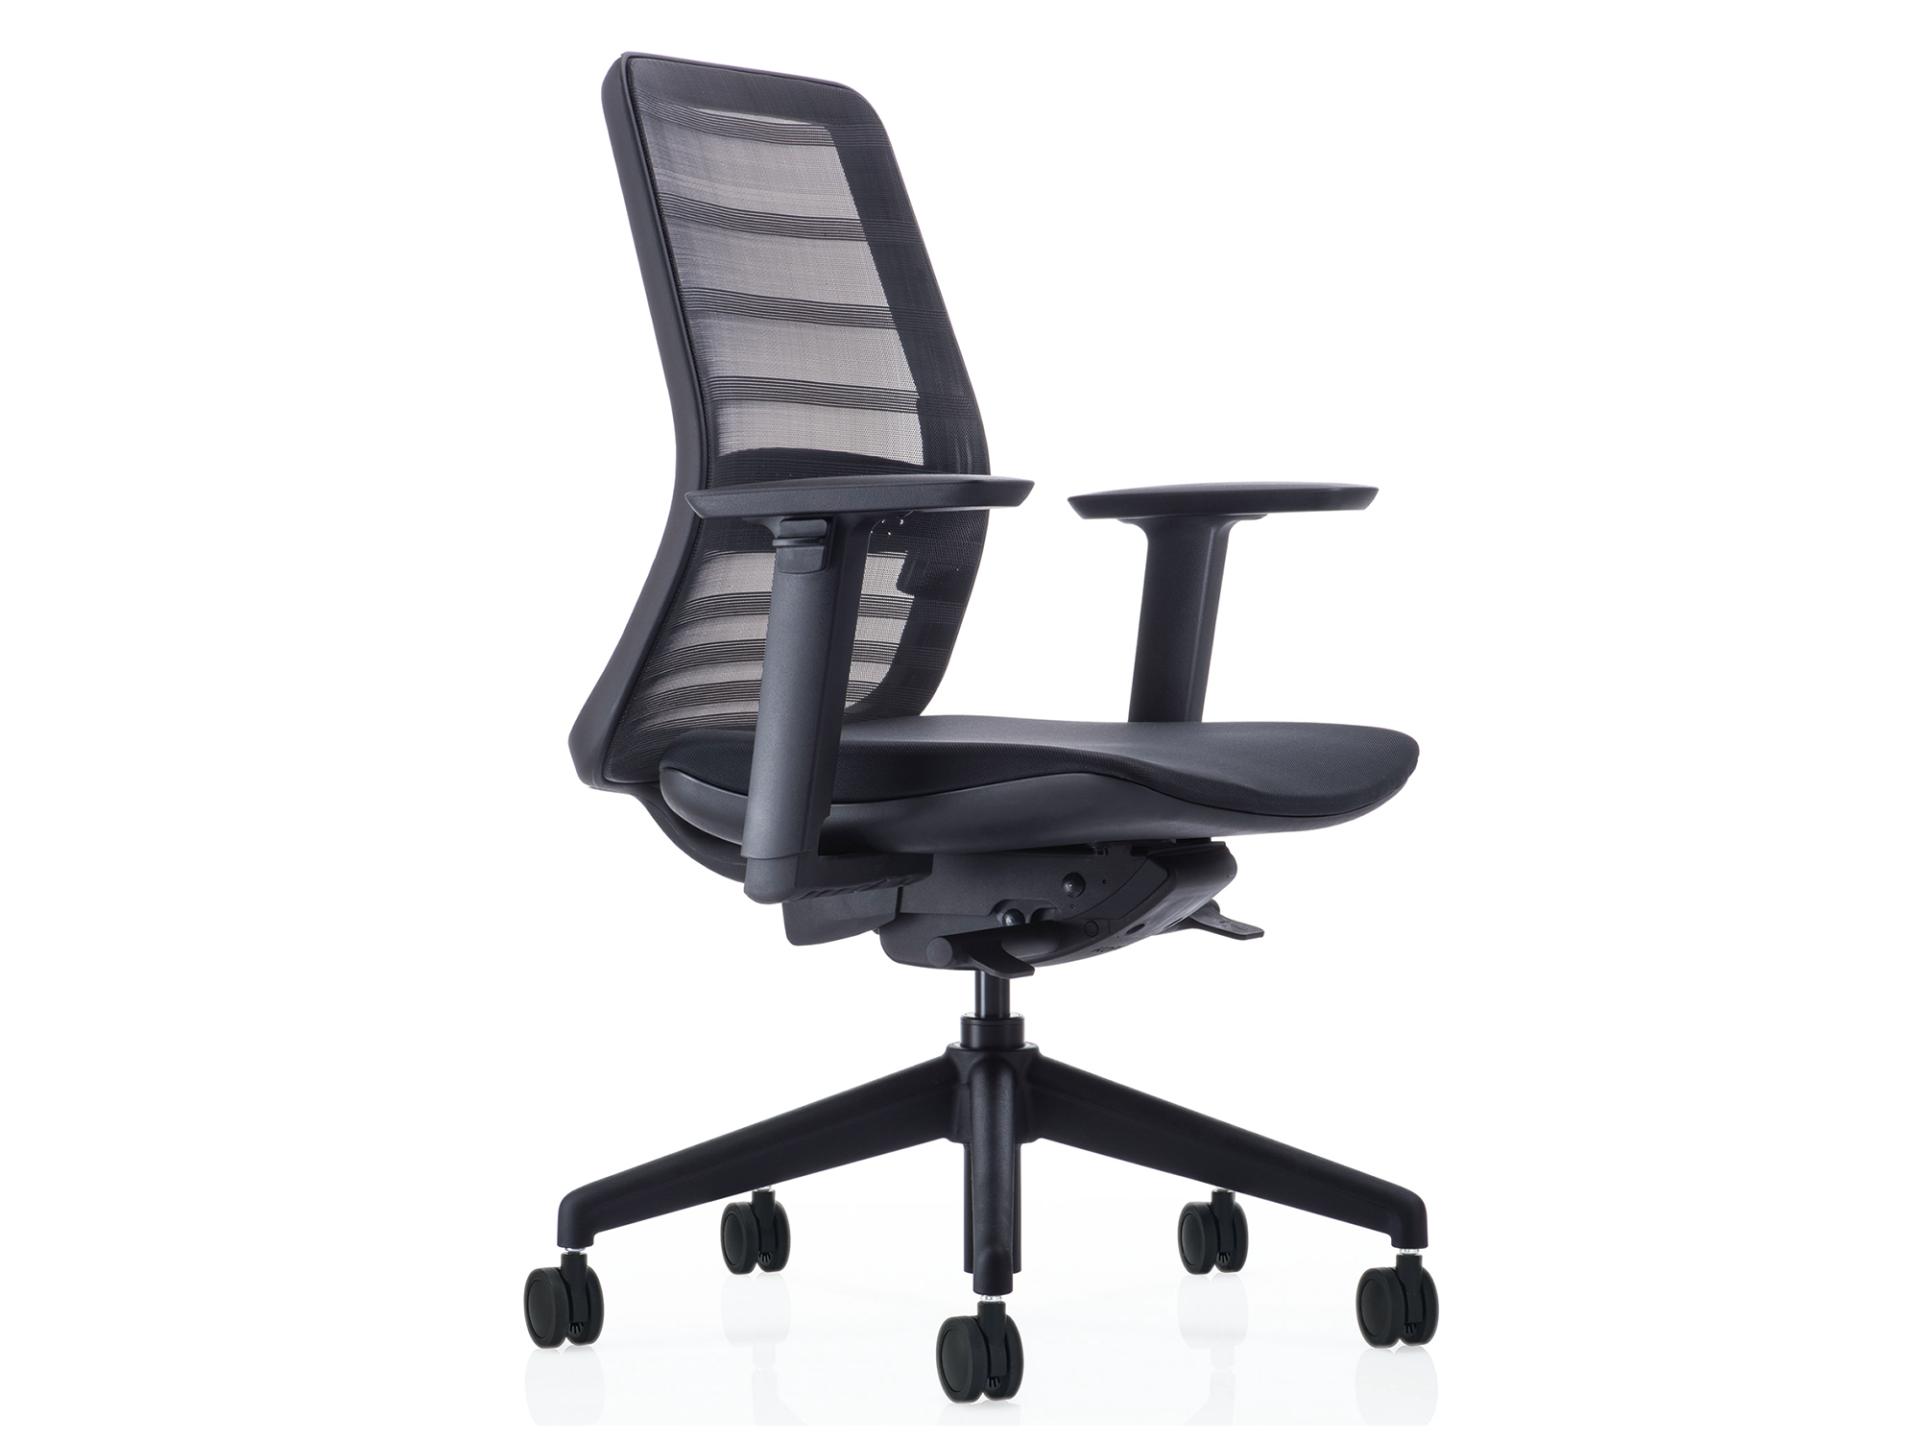 tonique office chair